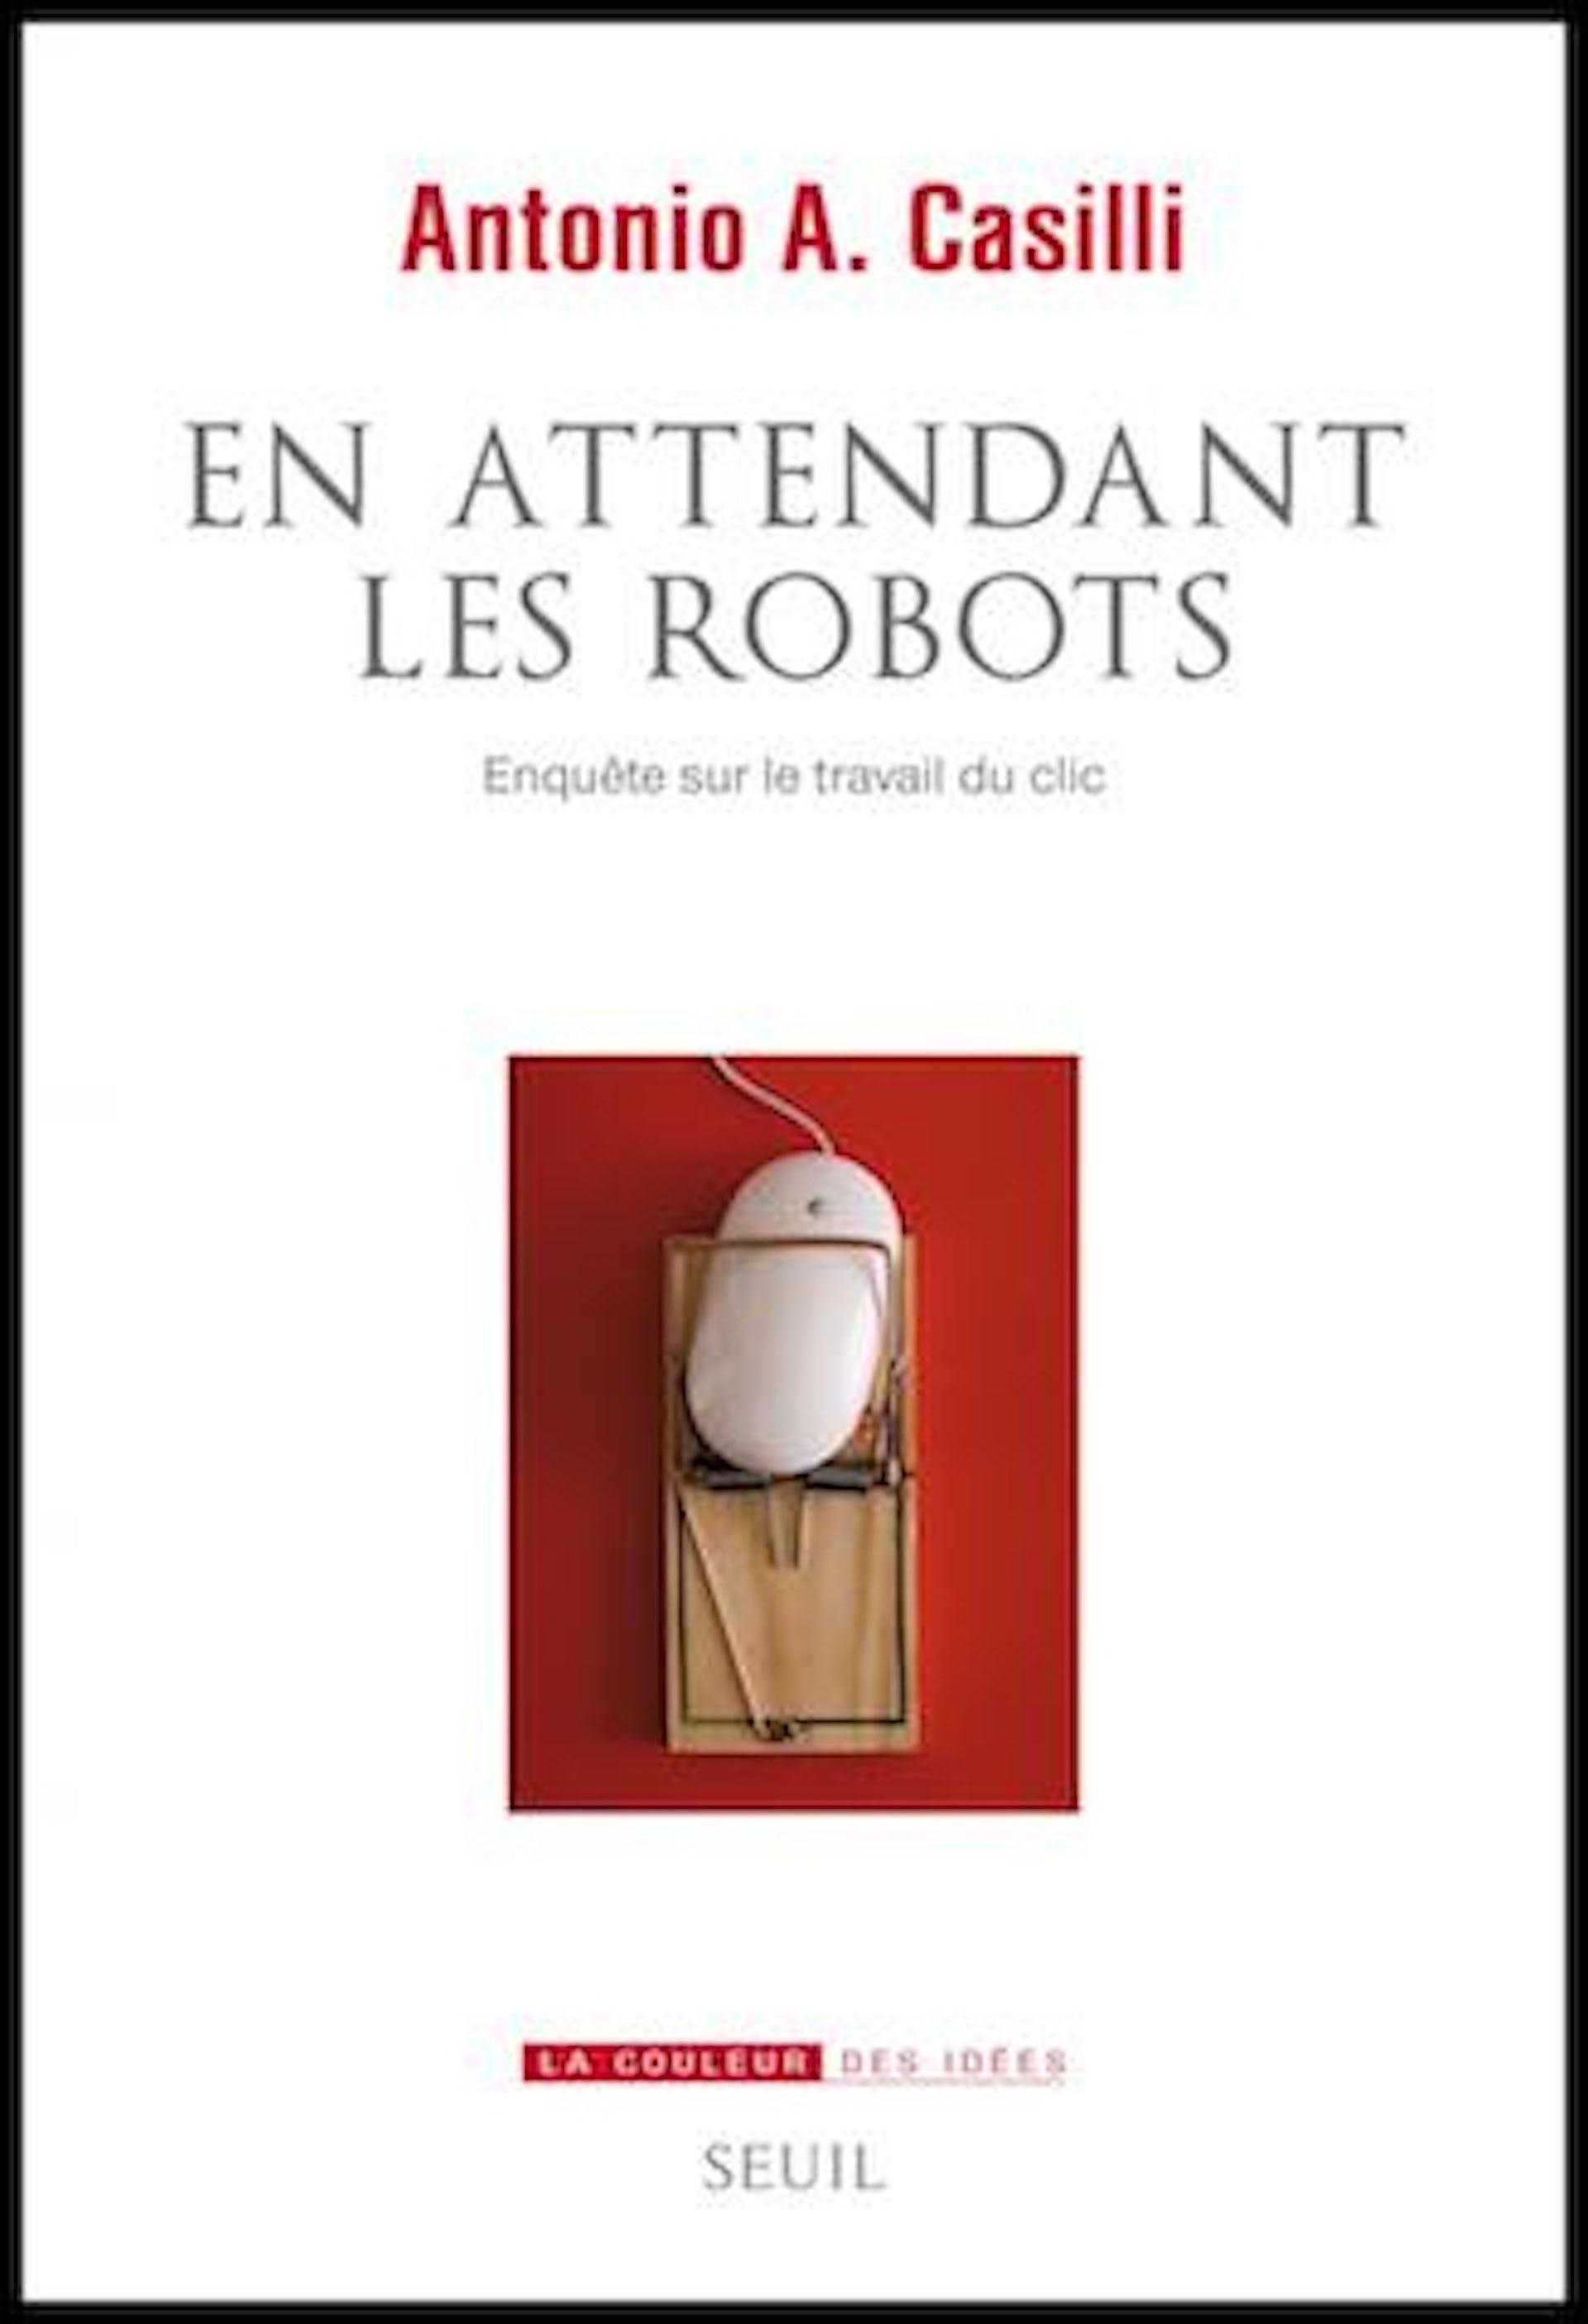 En attendant les robots, d'Antonio Casilli.